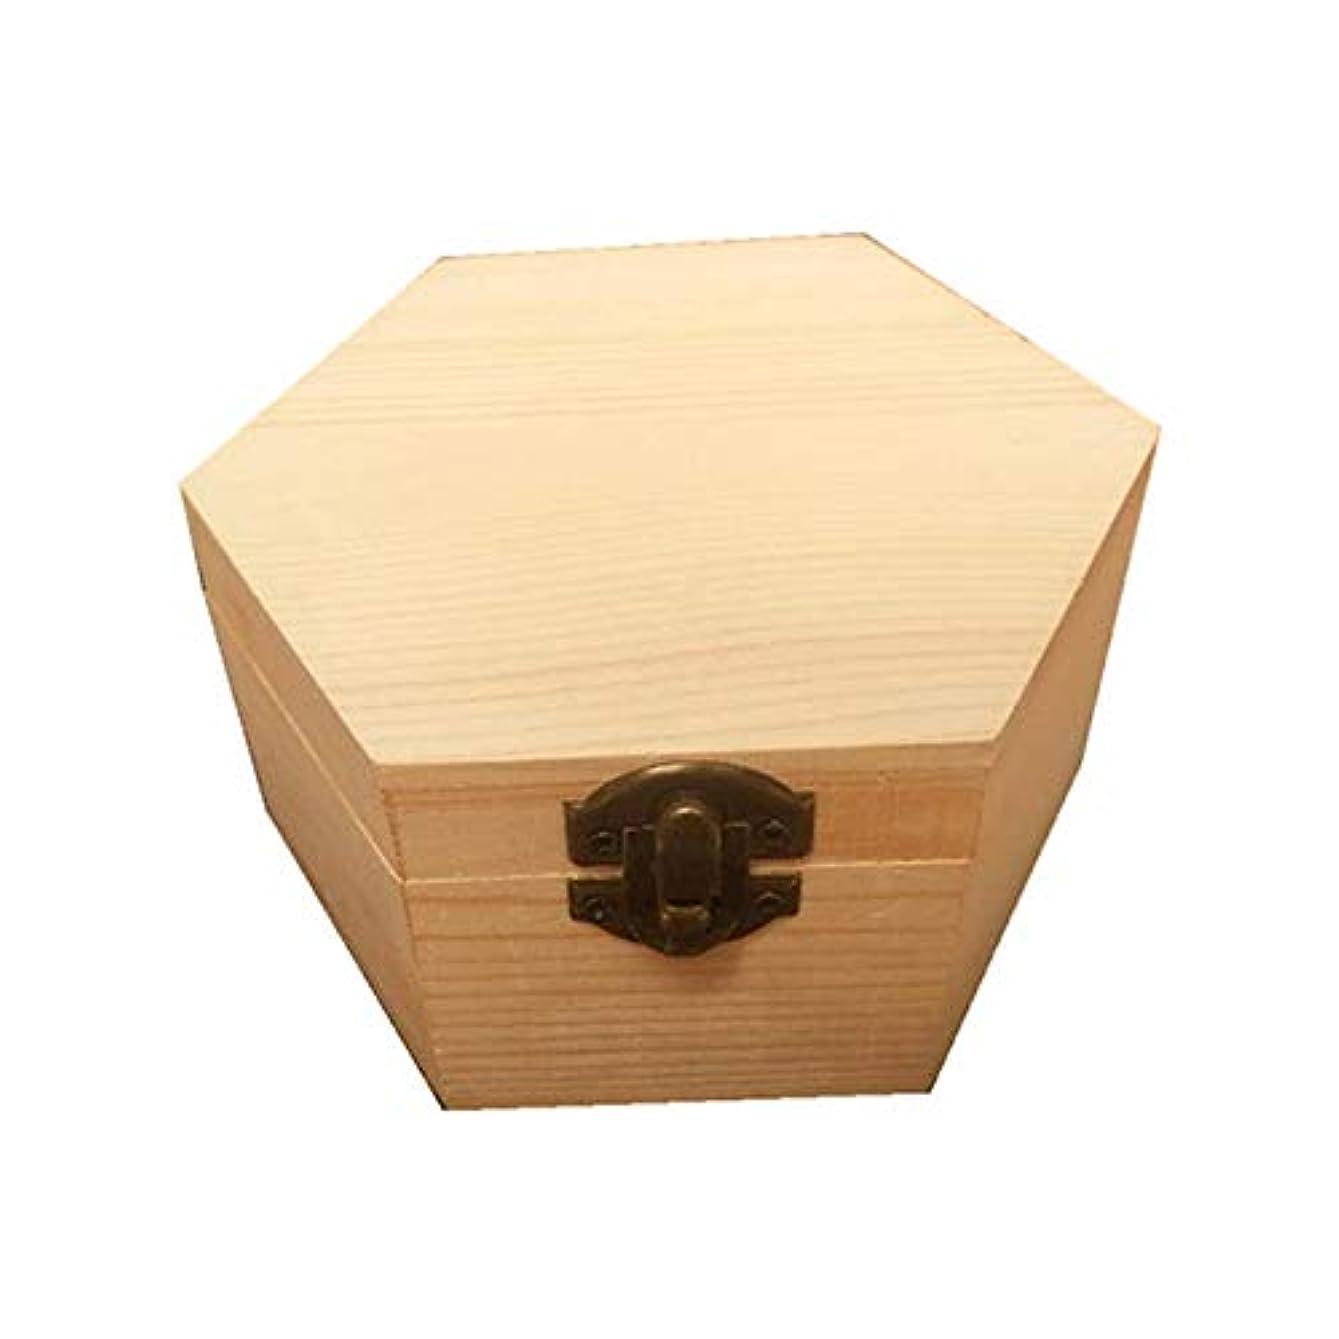 小説家配列フリースエッセンシャルオイルの保管 手作りの木製ギフトボックスパーフェクトエッセンシャルオイルケースにエッセンシャルオイル (色 : Natural, サイズ : 13X11.3X6.8CM)